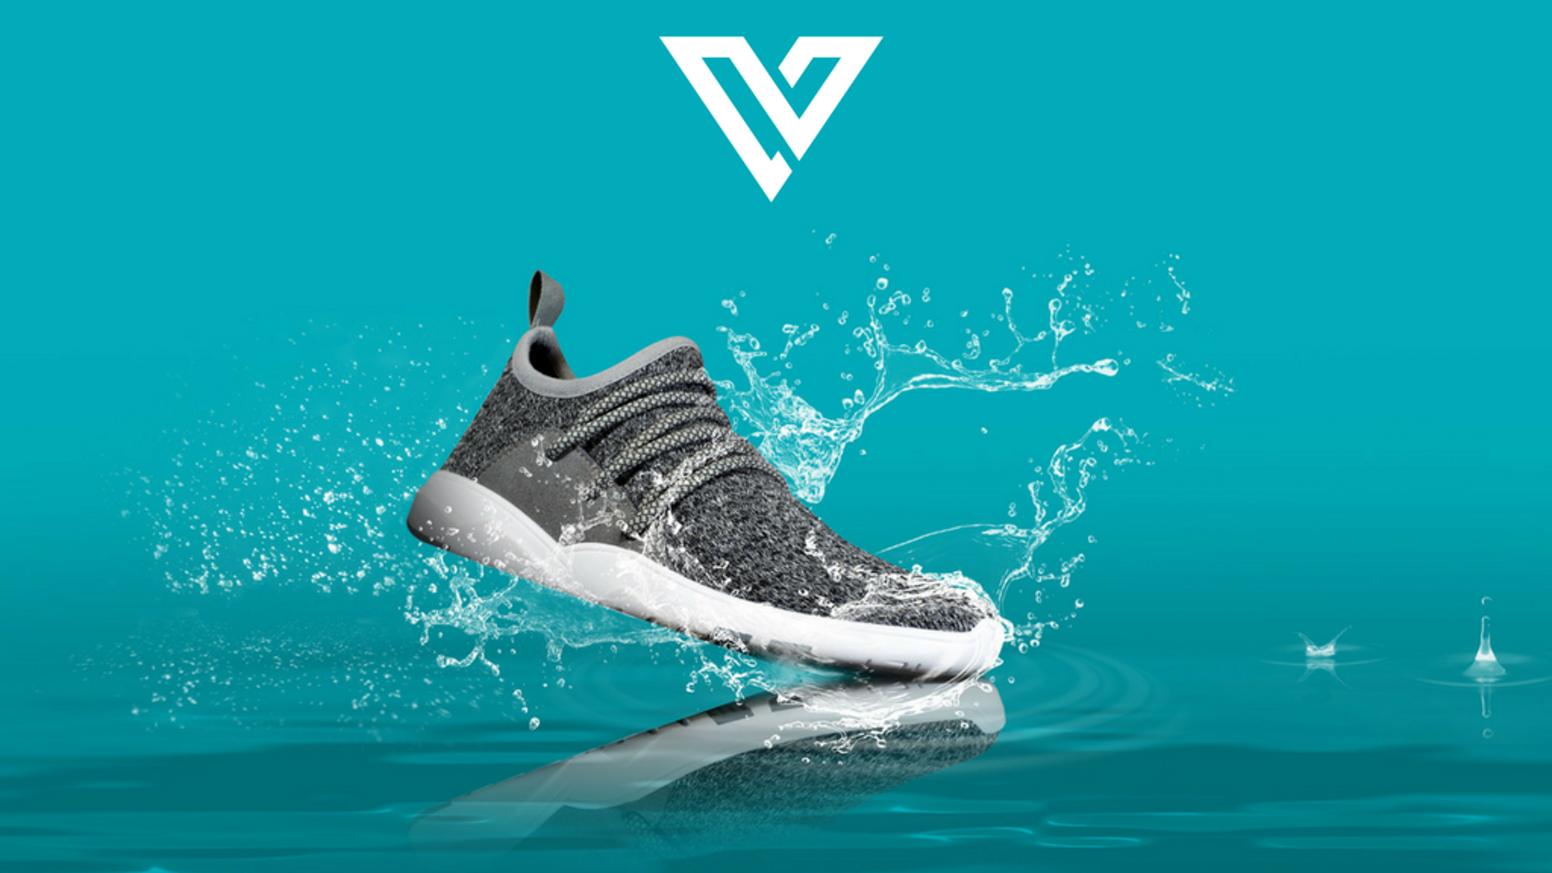 Chống nước siêu cấp lại đẹp mê ly, đây chính là đôi sneaker nhất định phải có trong những ngày ẩm ương, sáng nắng chiều mưa - Ảnh 3.